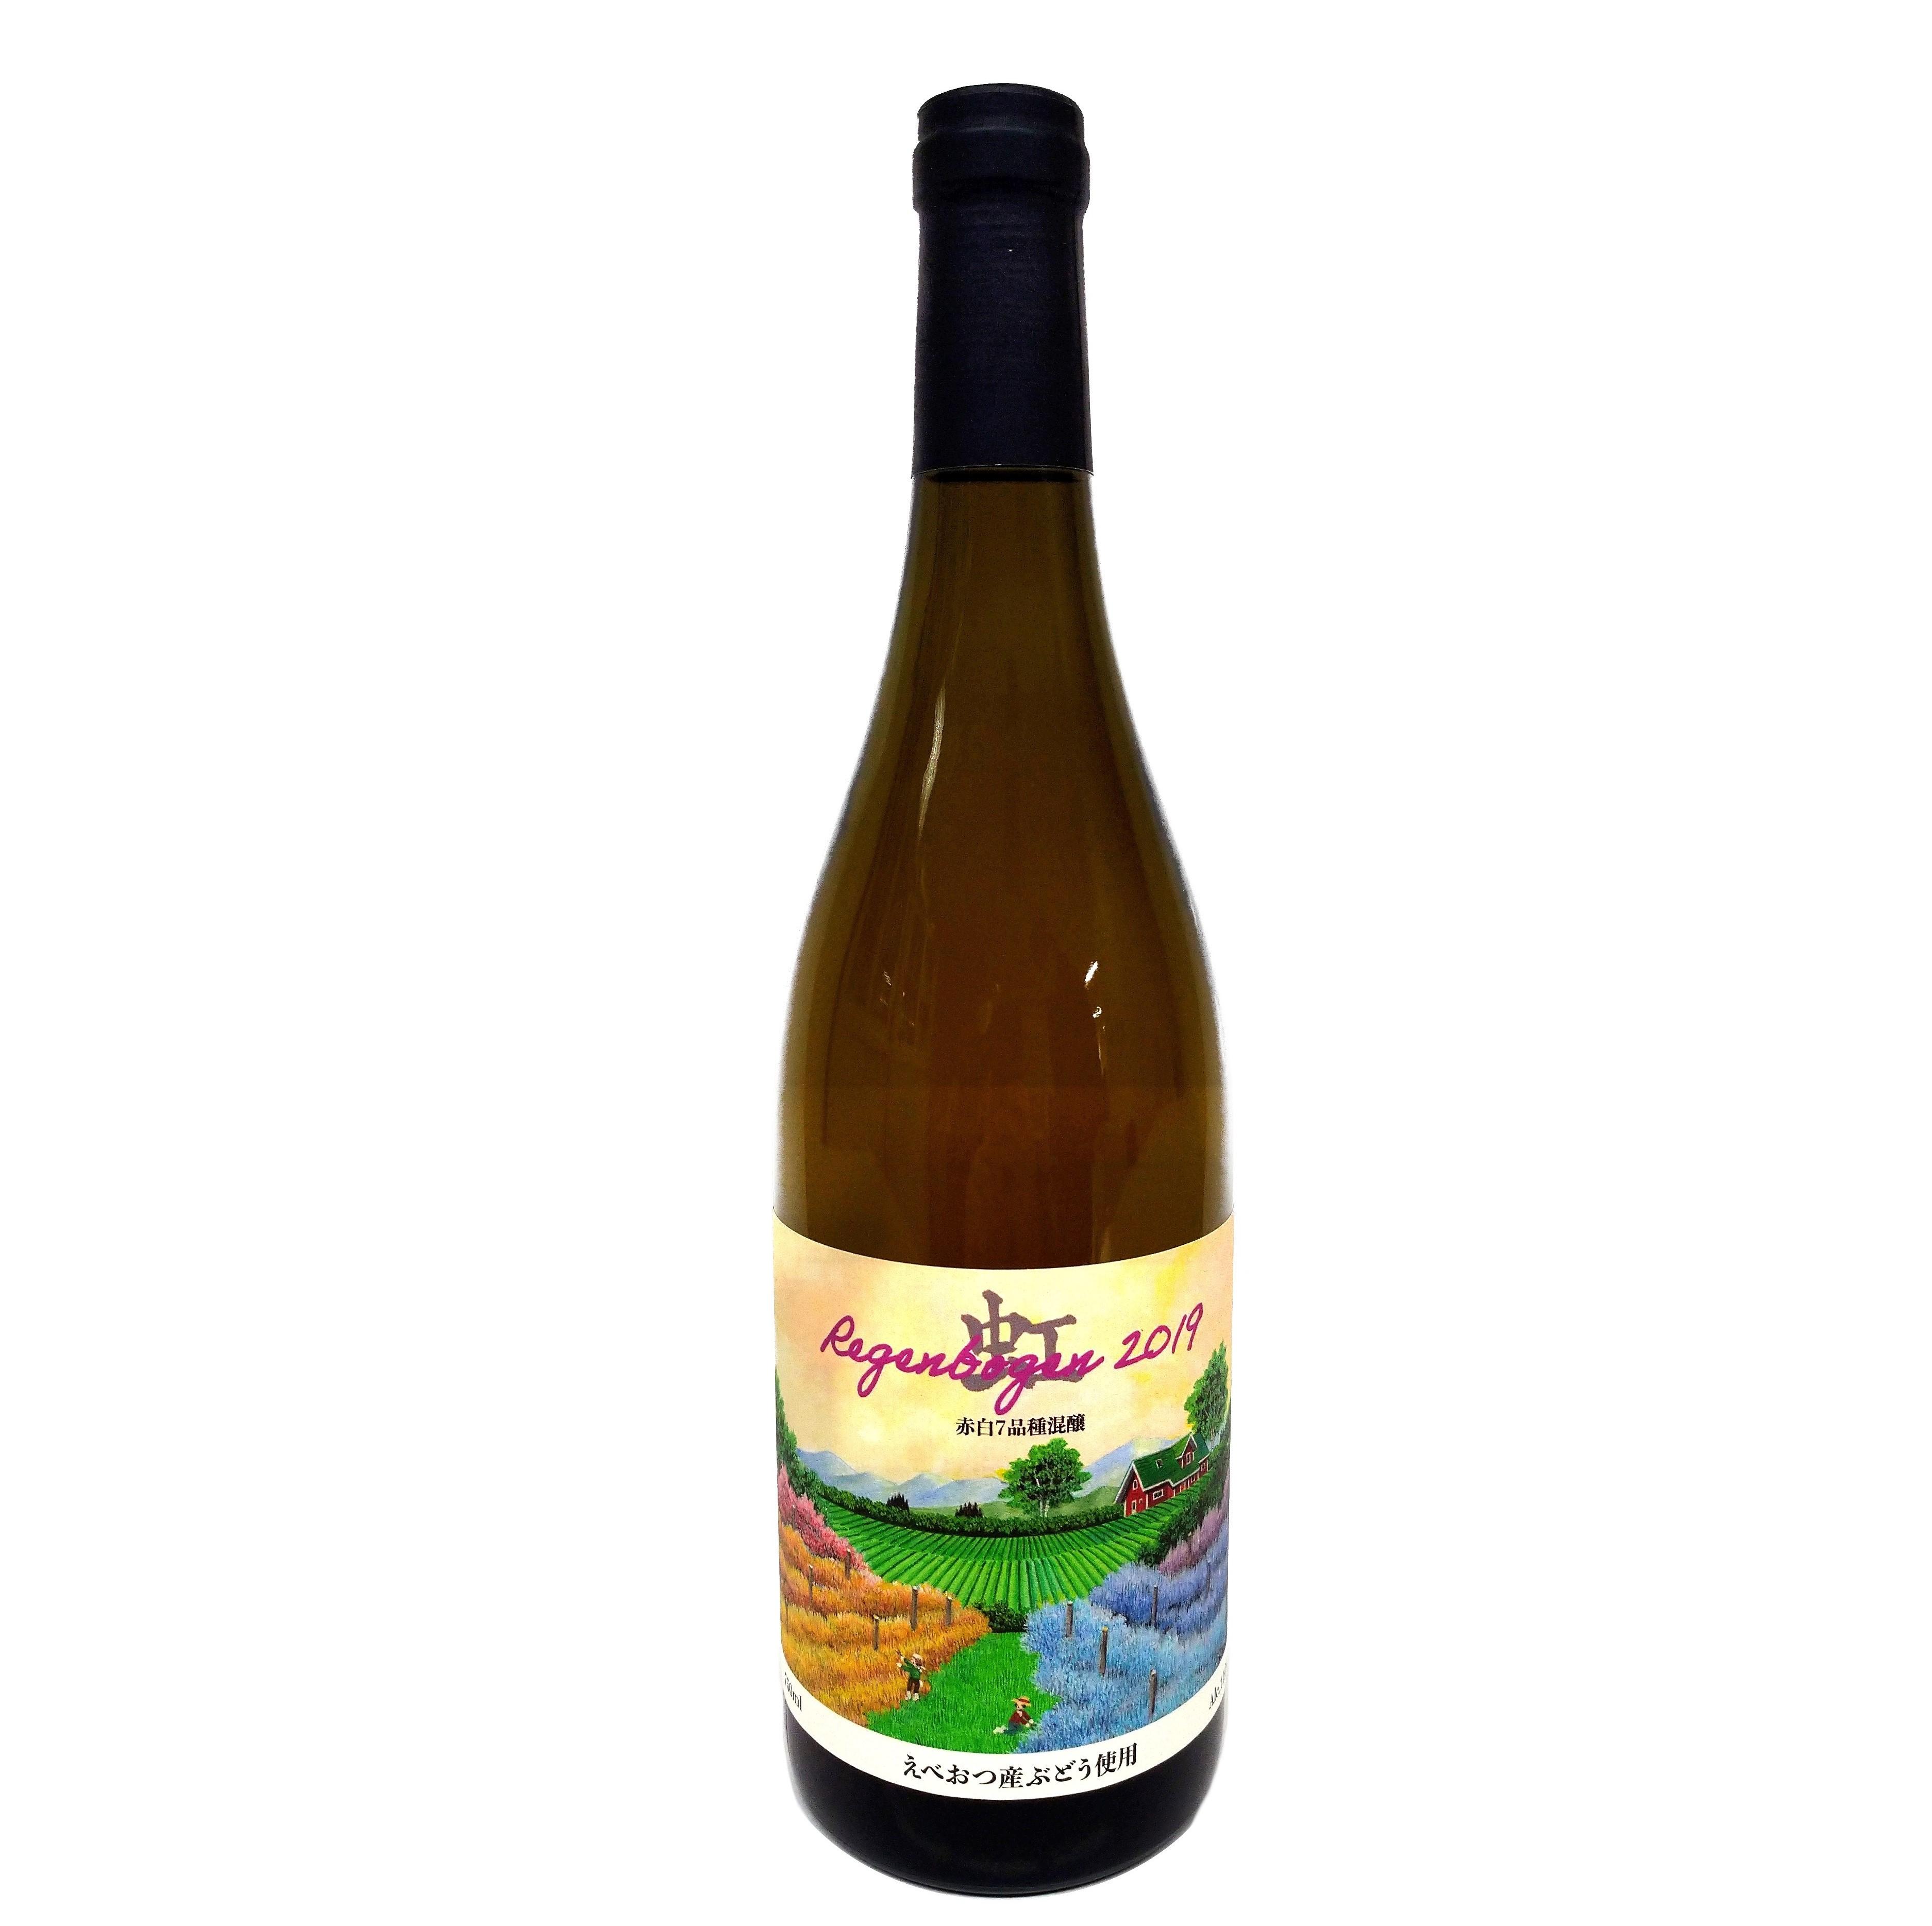 レーゲンボーゲン2019 -虹- 『Regenbogen2019虹』 辛口の「白ワイン」